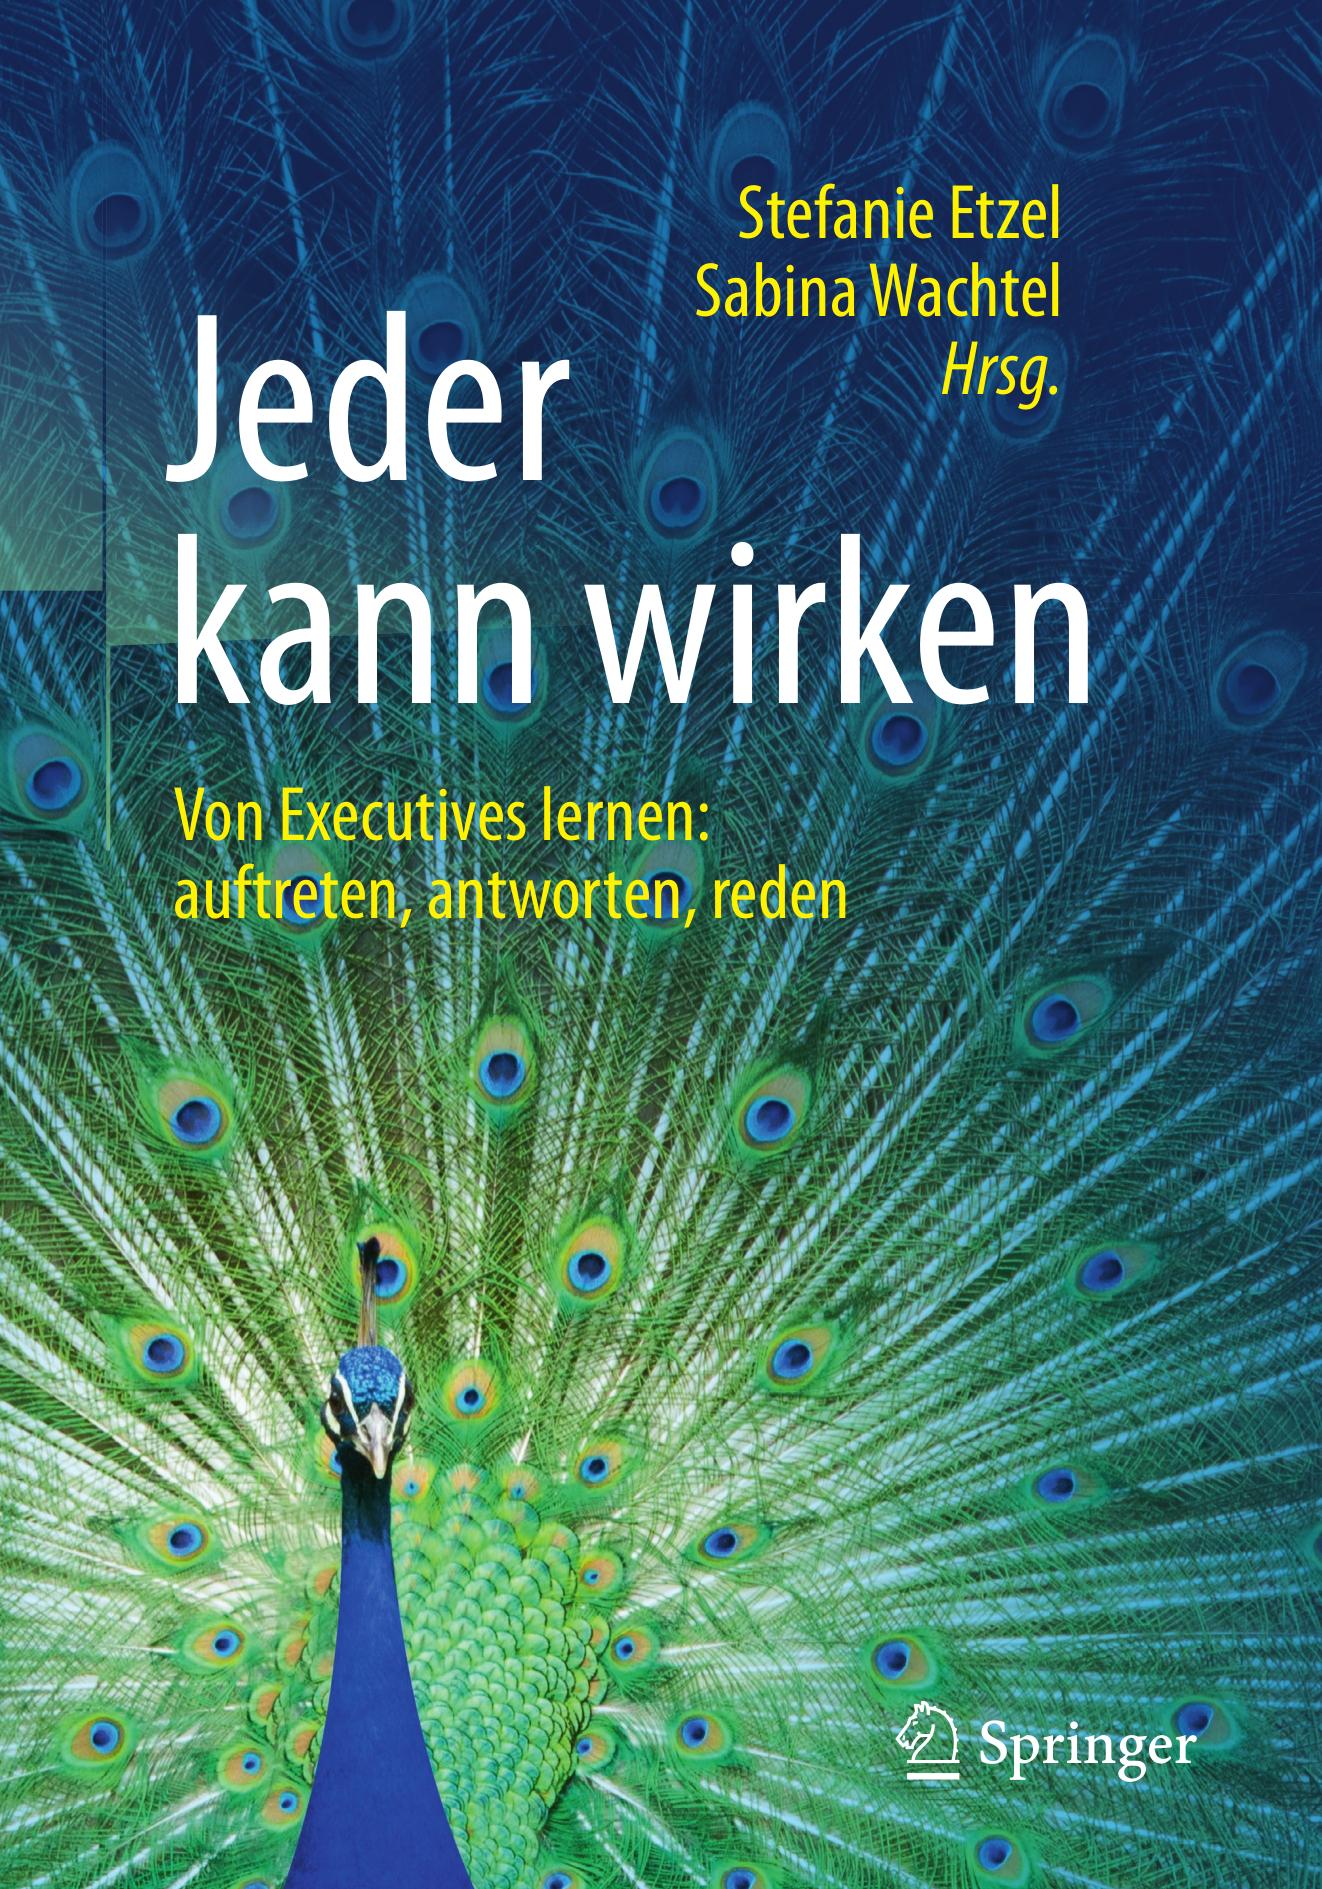 Jeder kann wirken. Von Executives lernen: antworten, reden auftreten - Sabina Wachtel, Dr. Stefanie Etzel (Hrsg.), SPRINGERGABLER 2018BUCH HIER BESTELLEN